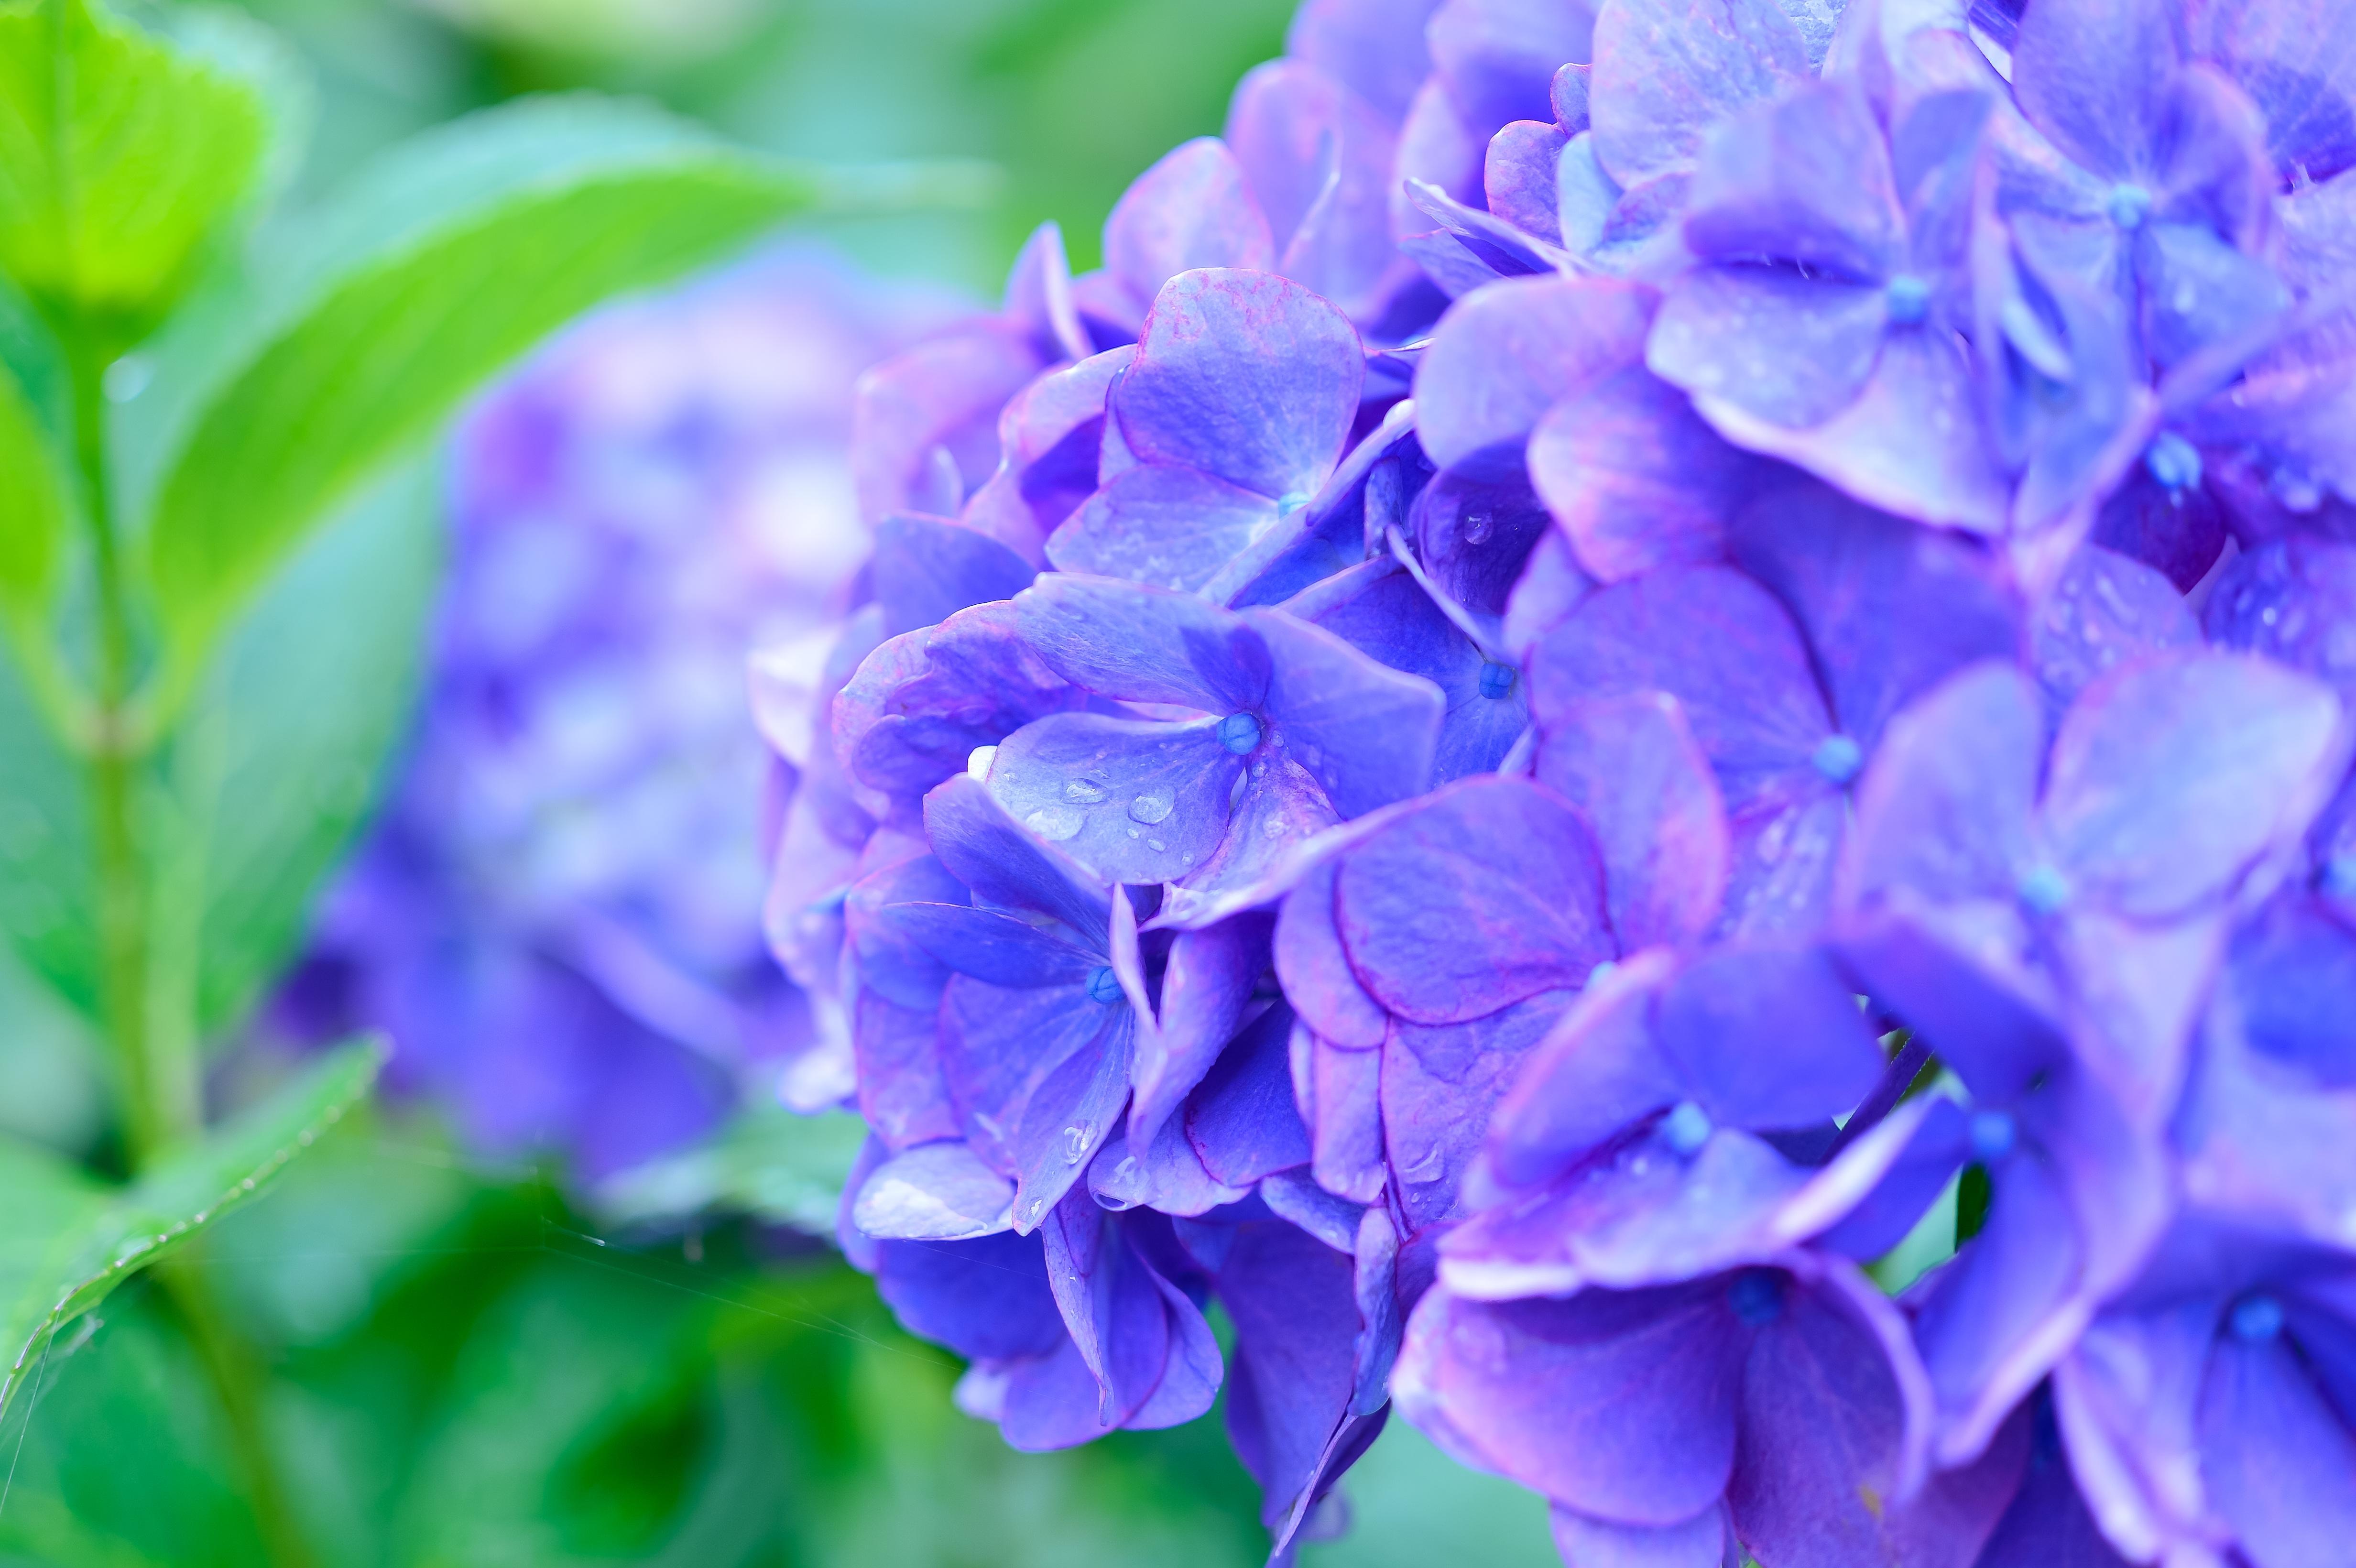 梅雨の雨に濡れる紫陽花